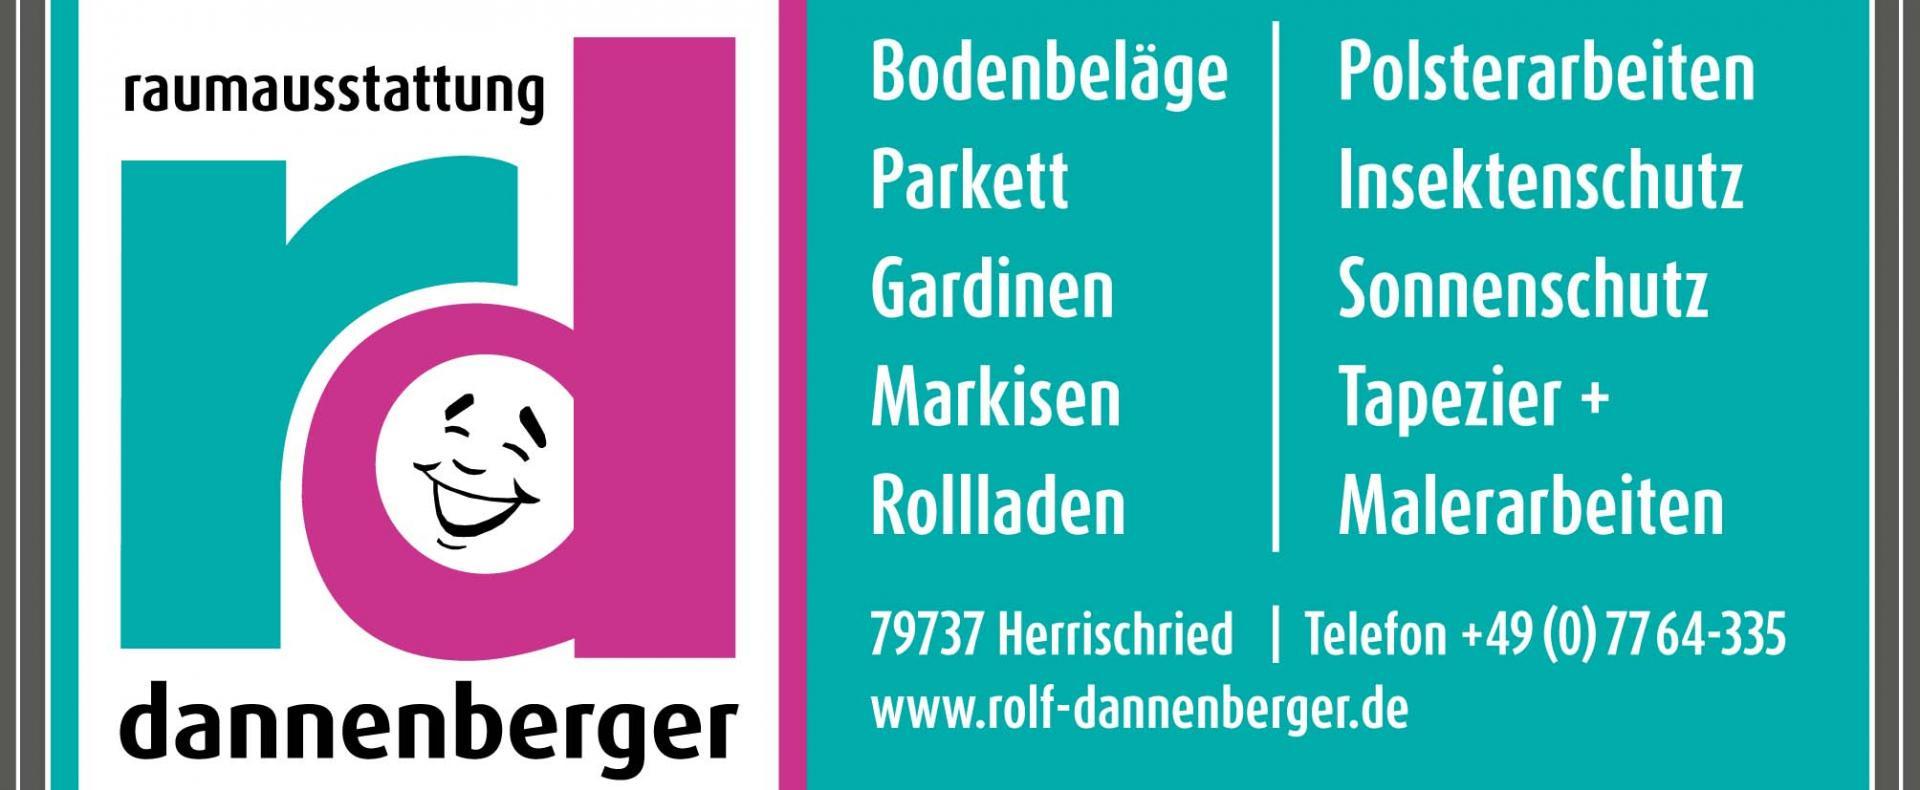 Dannenberger